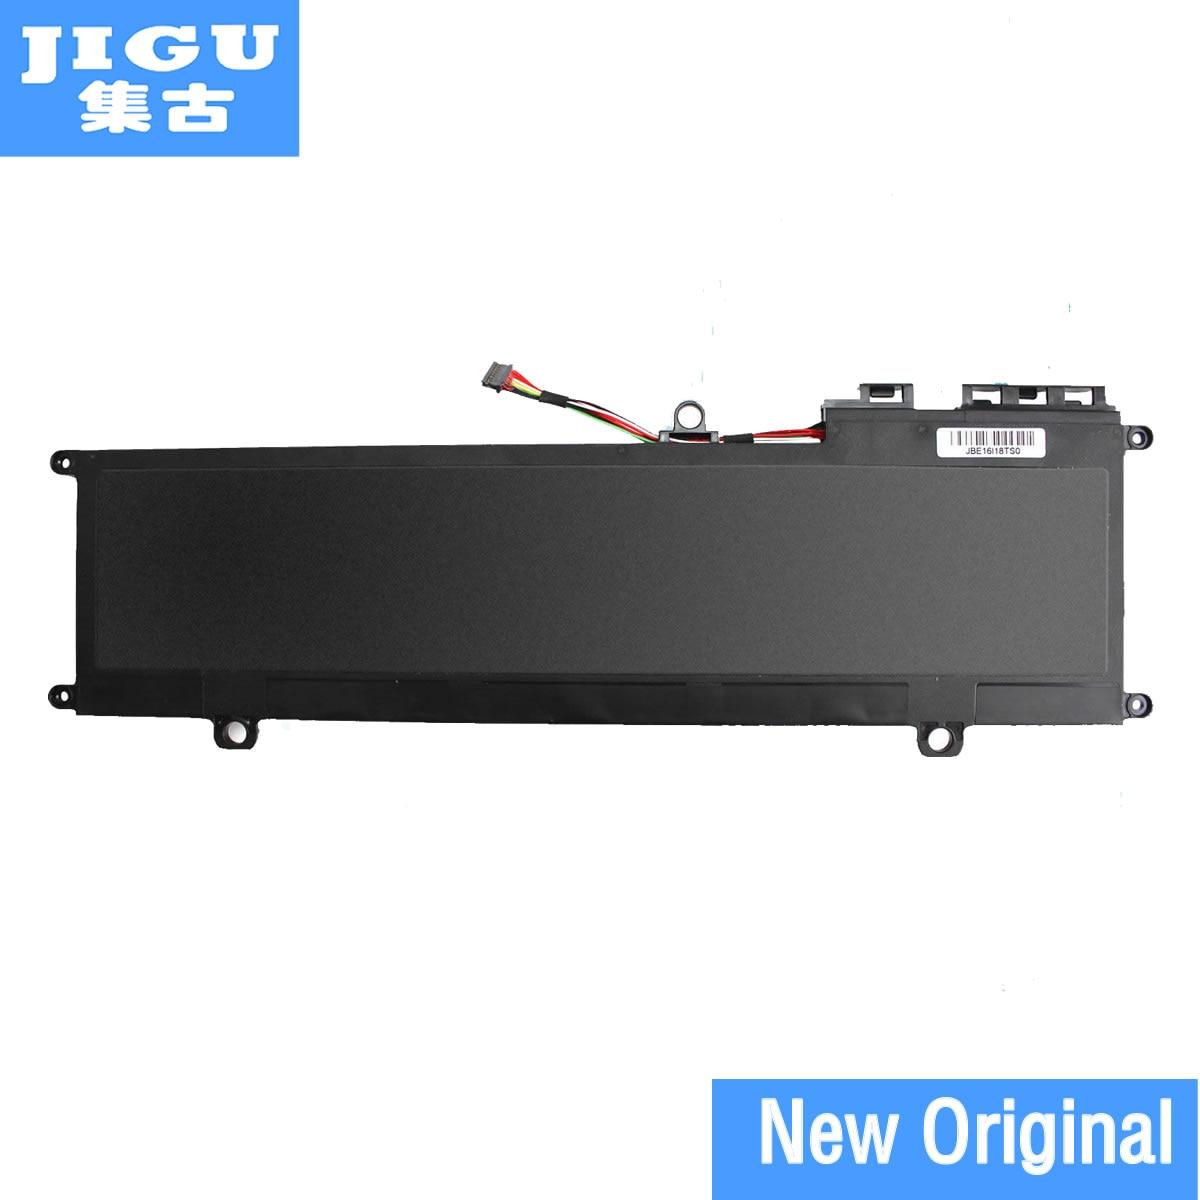 все цены на JIGU Original laptop battery AA-PLVN8NP FOR SAMSUNG NP780Z5E-S02CA NP780Z5E-TO2UK NP870Z5E-X01HU NP870Z5E-X01RU NP880Z5E онлайн